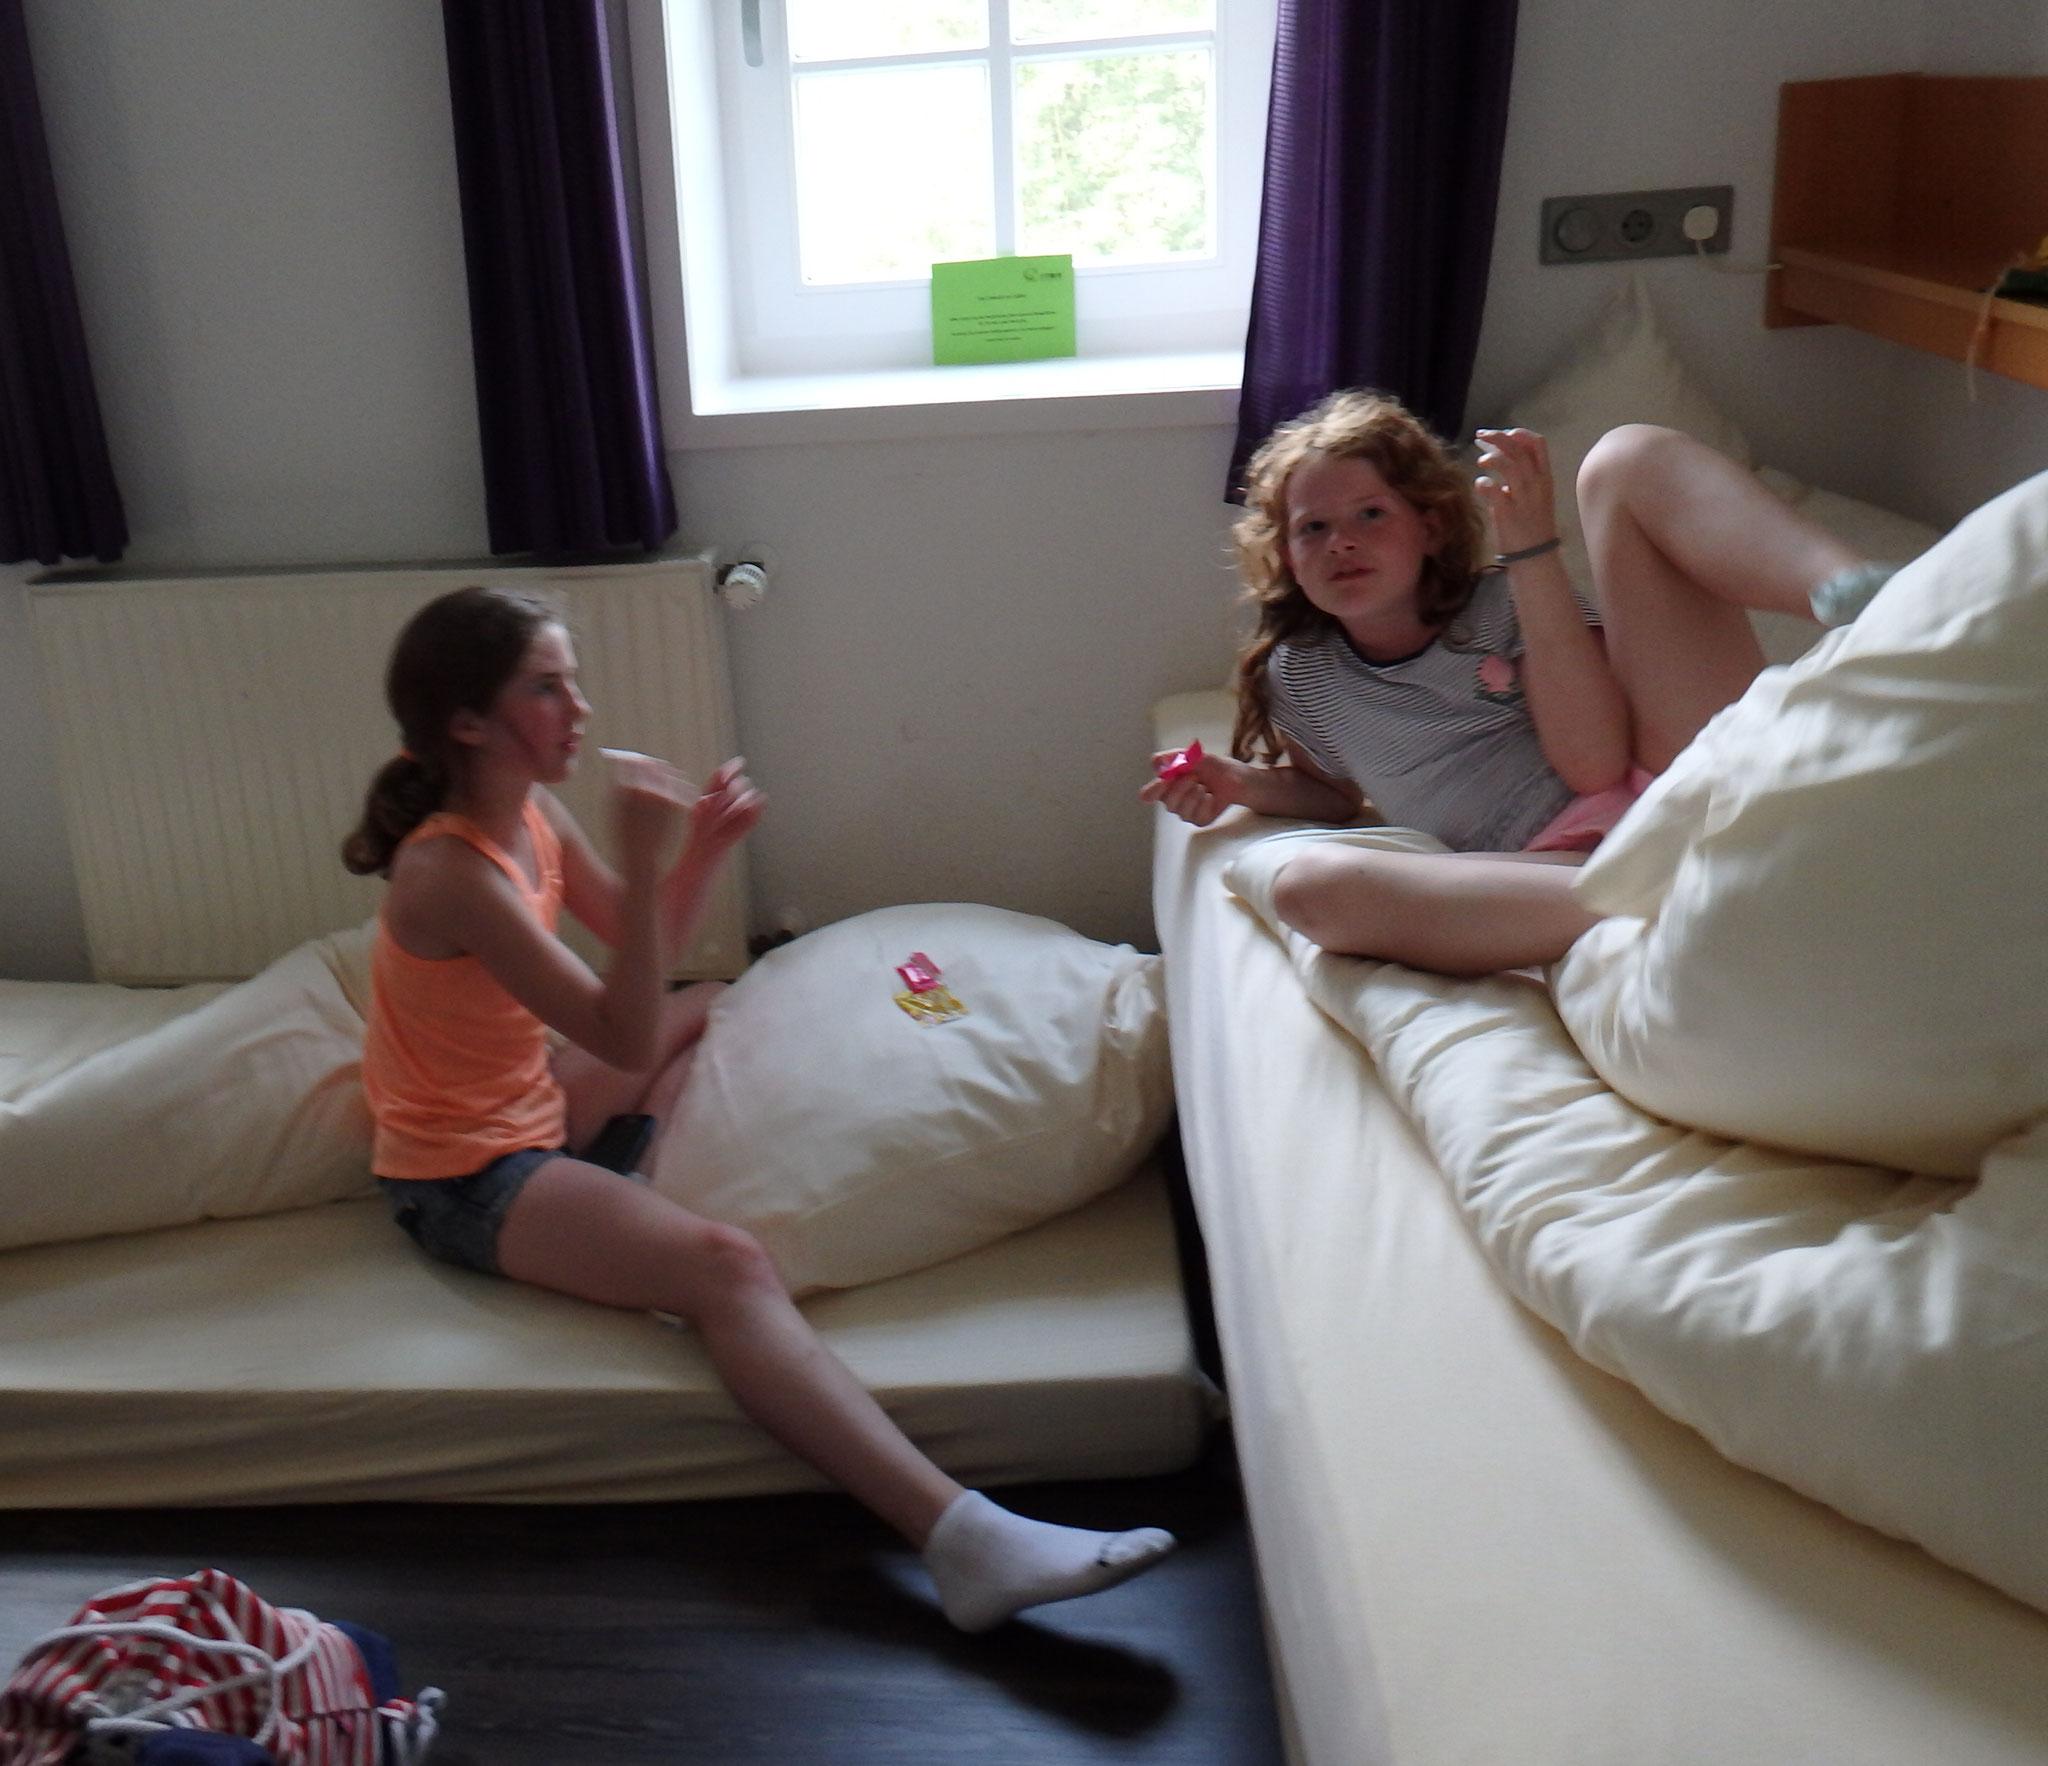 Zimmer 2 (Lina, Marielle und Sinem)